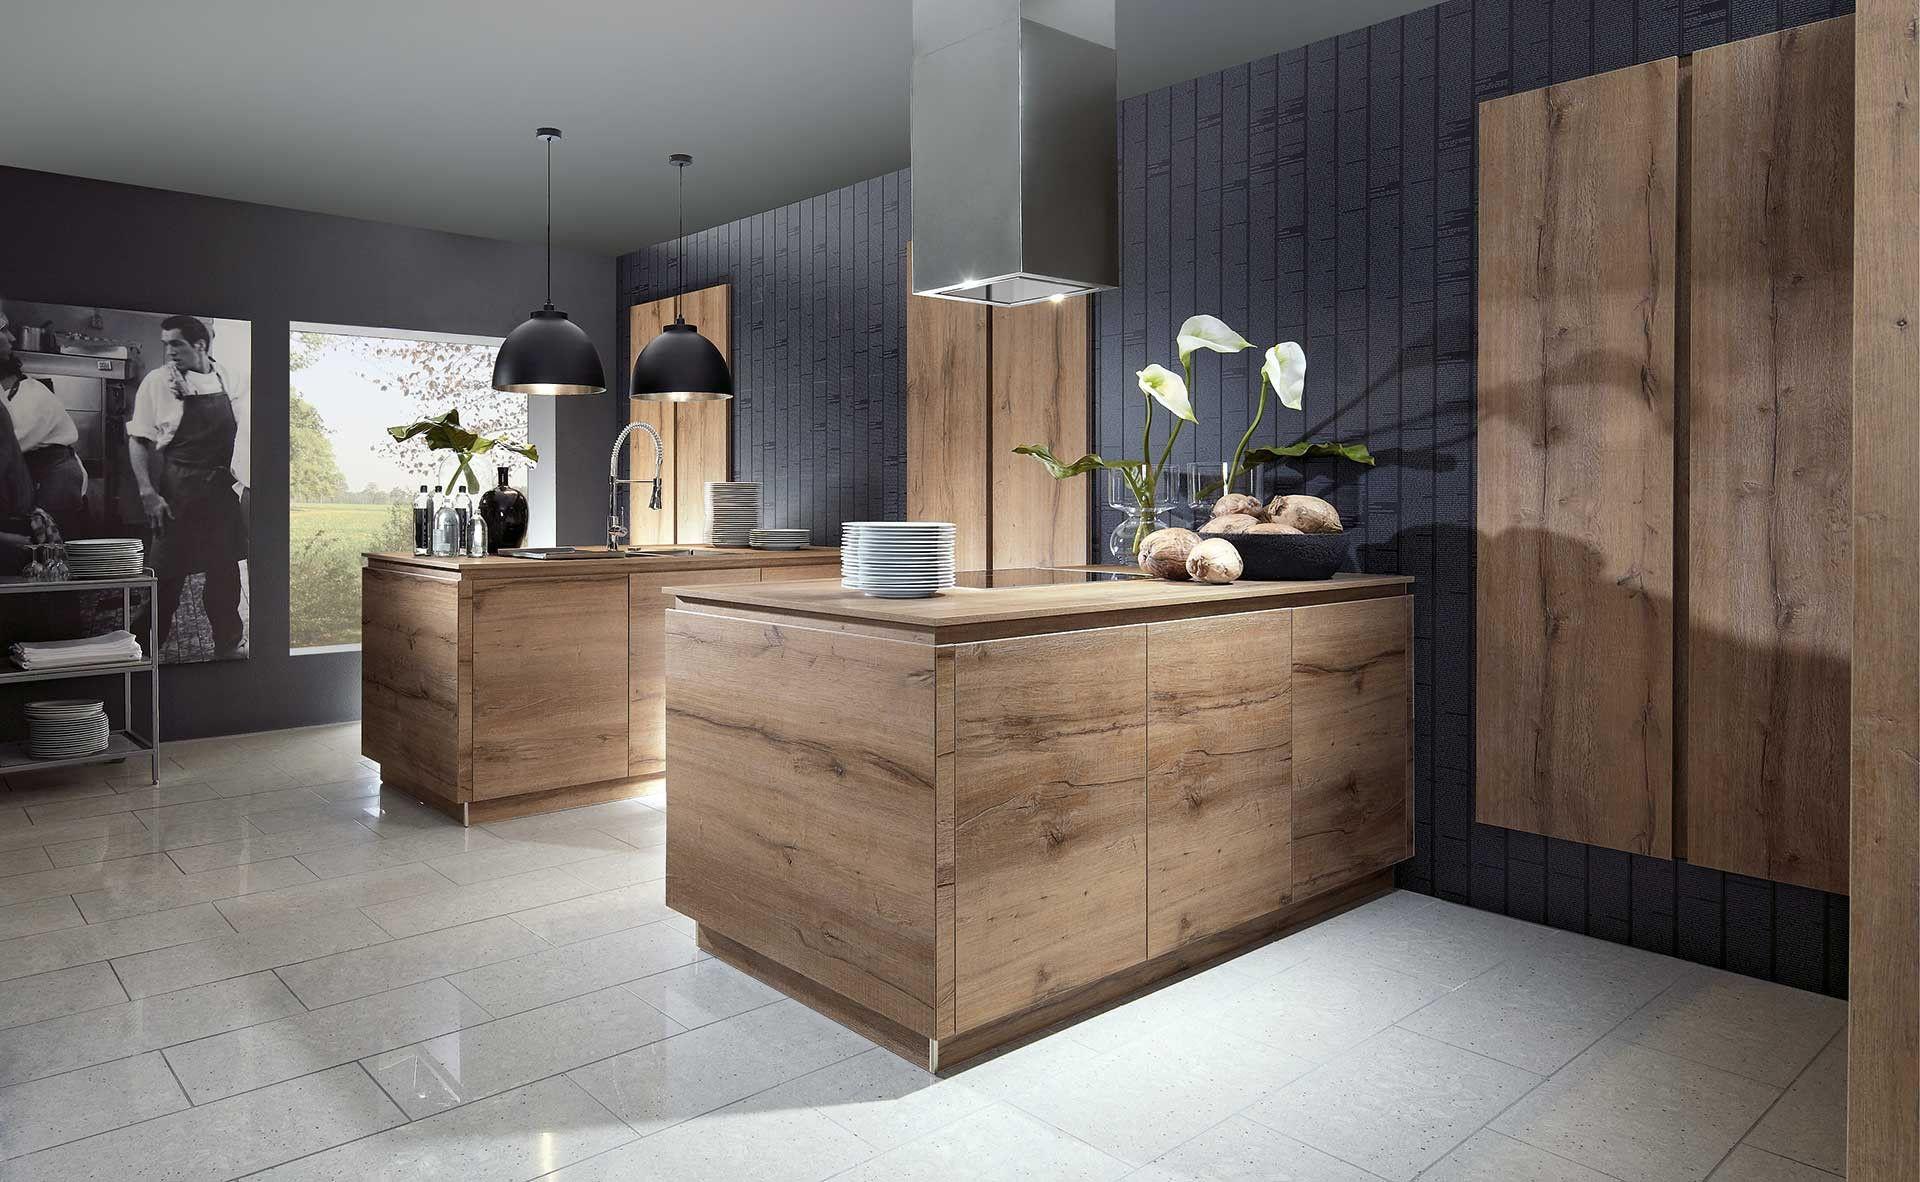 Favoriete Moderne, houten keuken met grijstinten. Deze moderne keuken krijgt &FD01